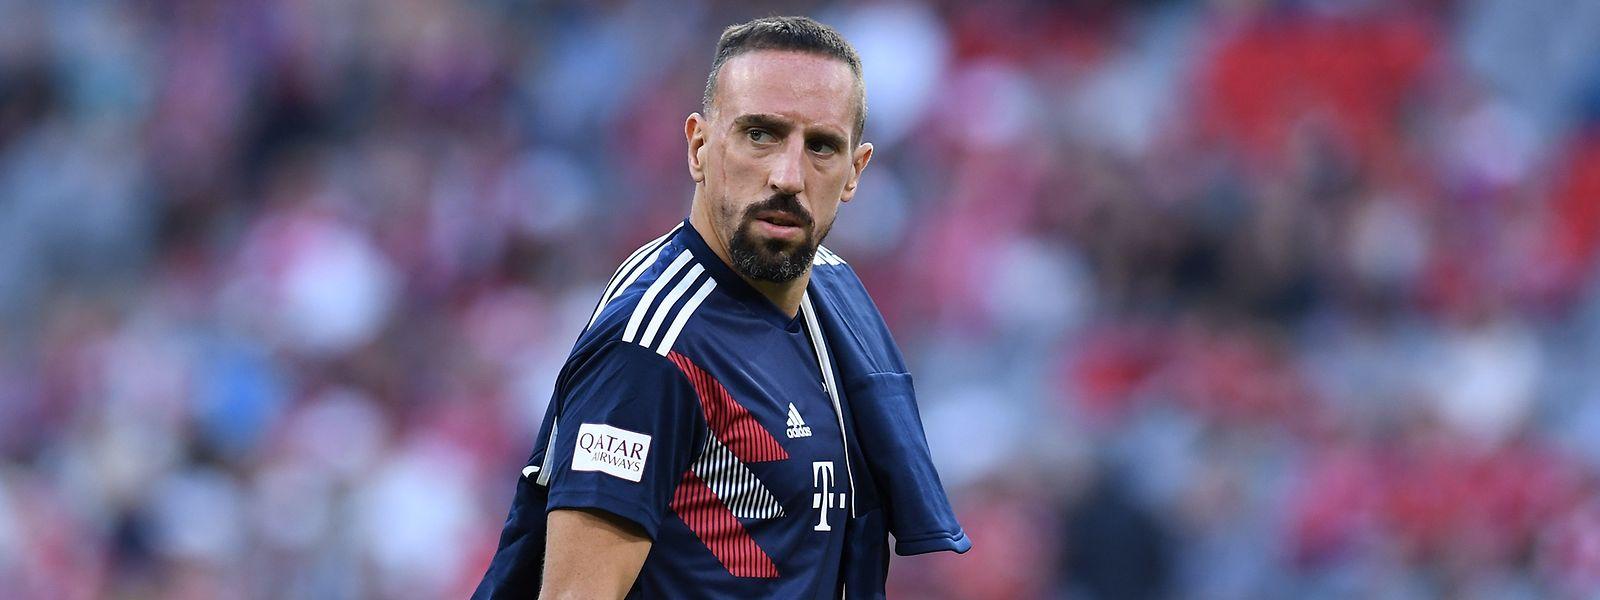 Franck Ribéry dürfte seine Chancen auf ein Jobangebot seitens des FC Bayern verspielt haben.